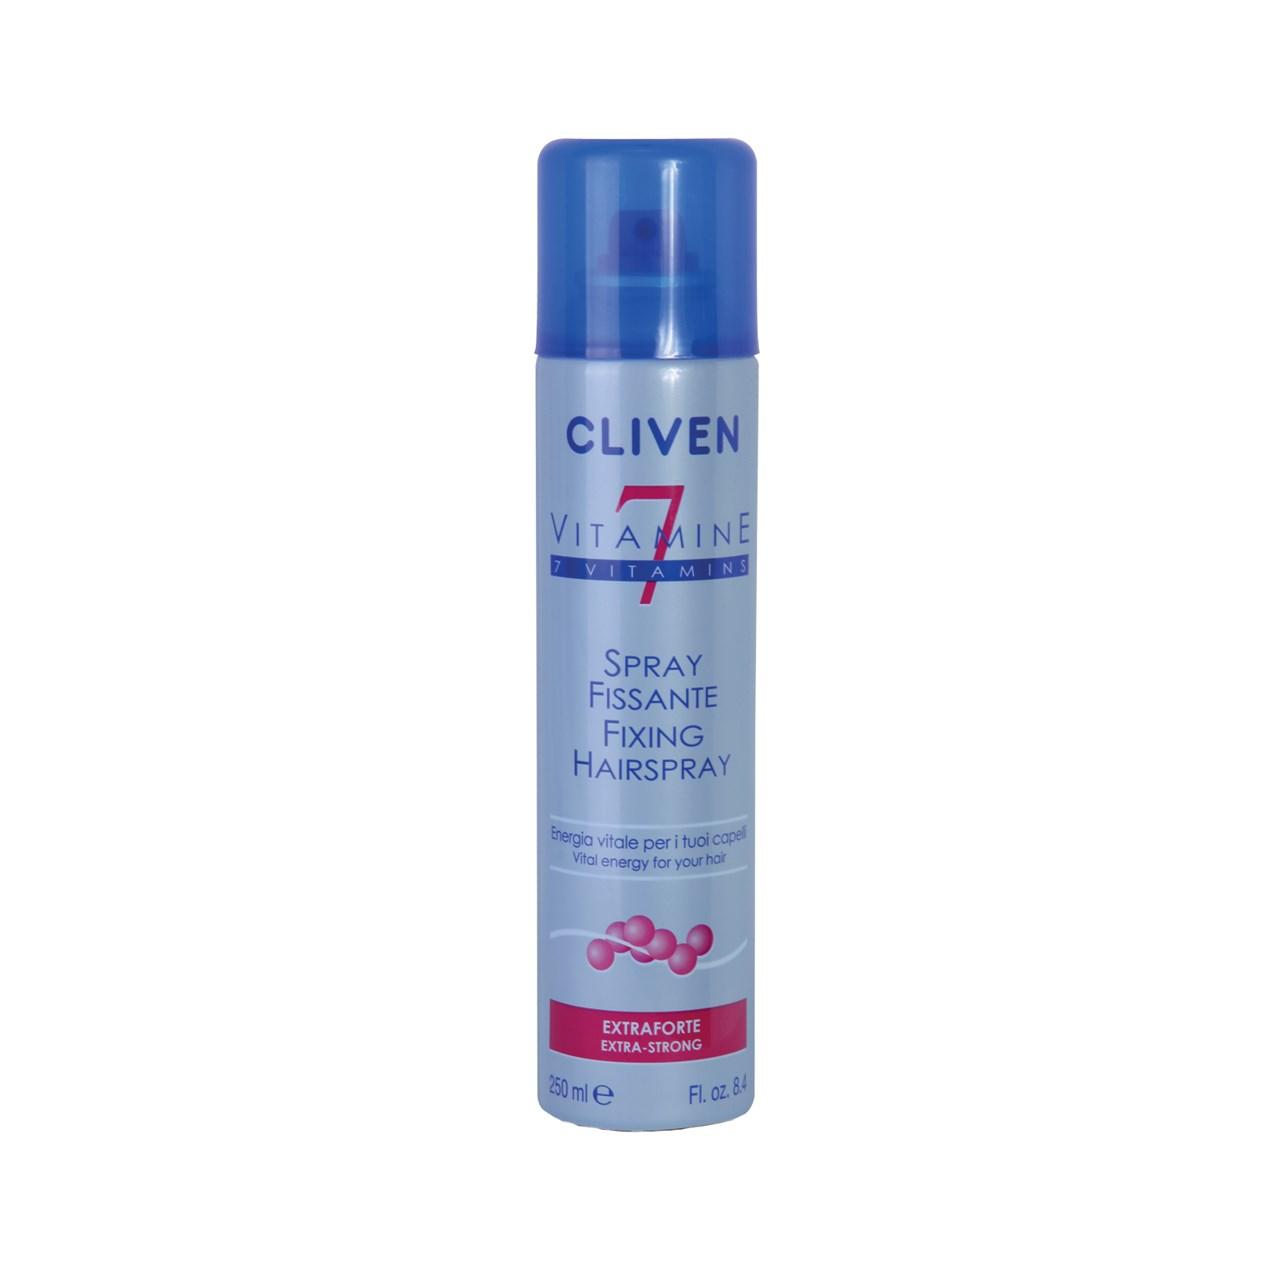 اسپری نگهدارنده حالت مو کلیون مدل 7 Vitamin حجم 250 میلی لیتر